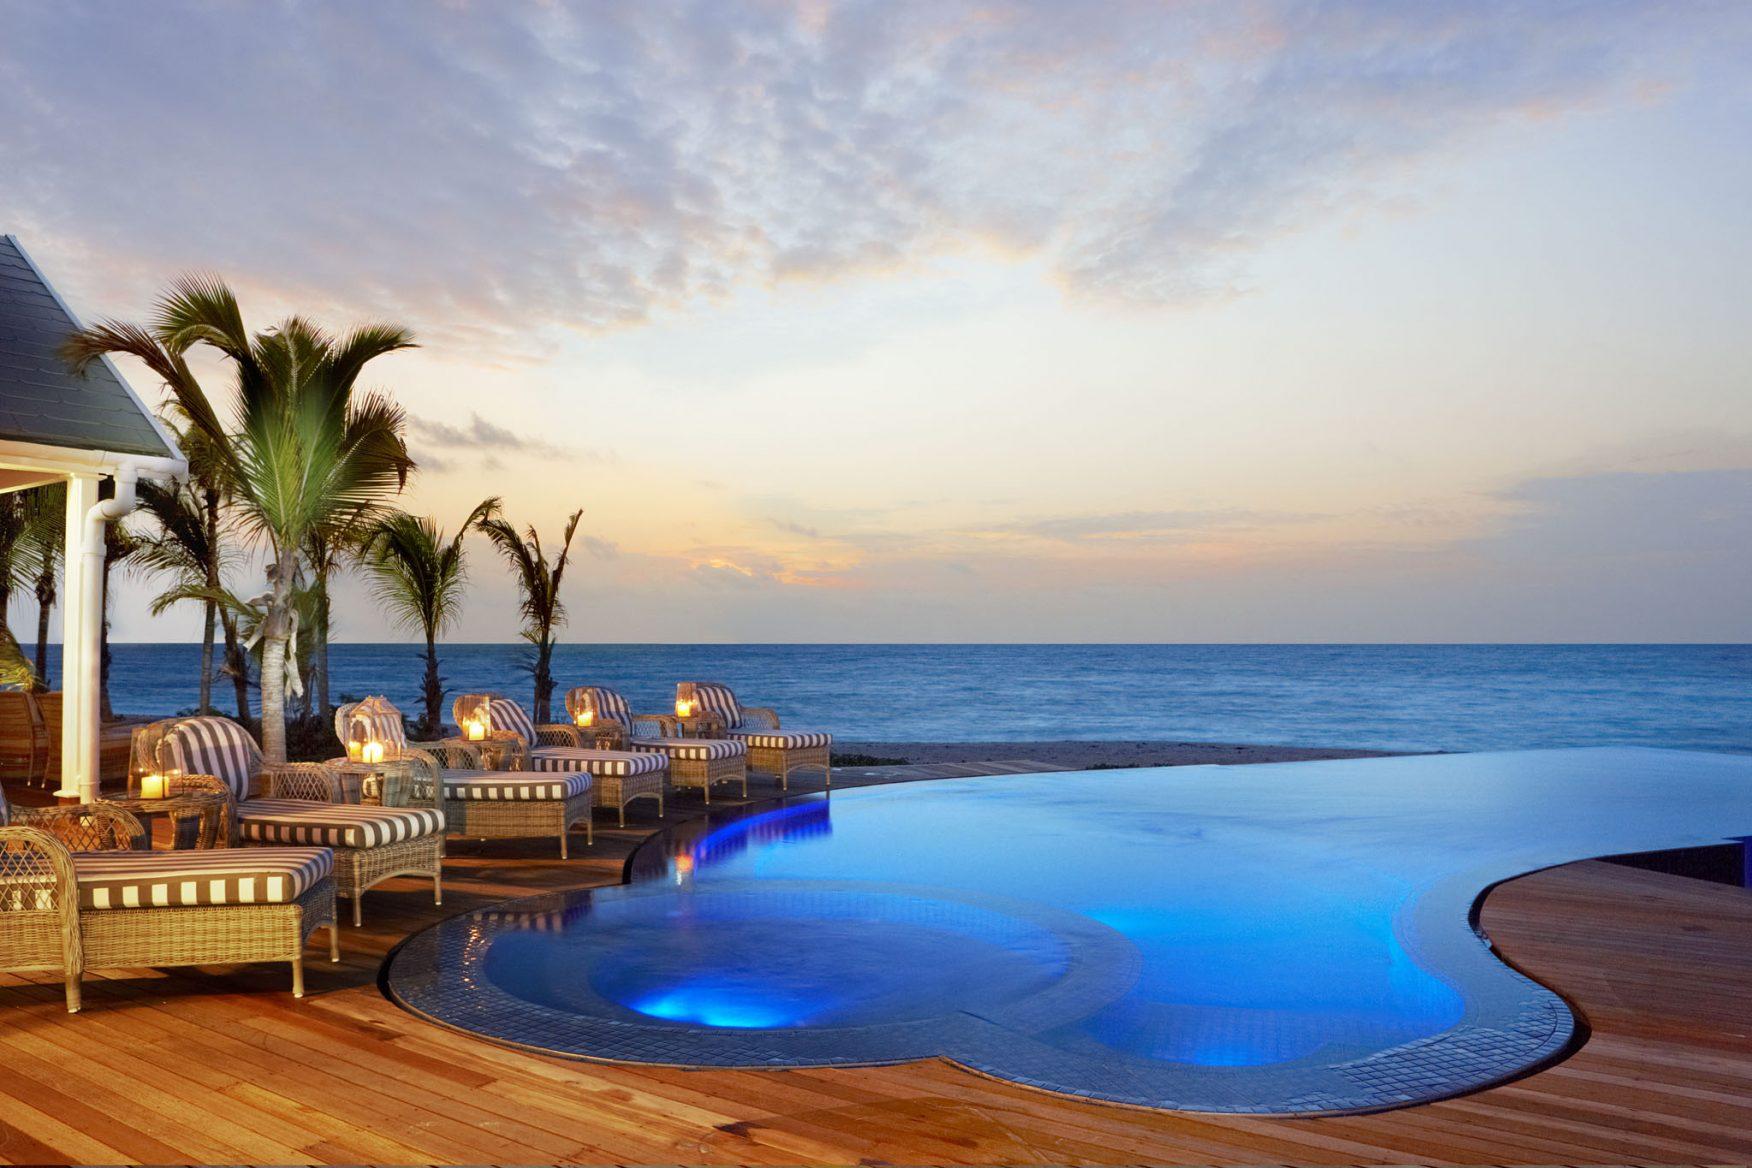 villa-pool-at-dusk